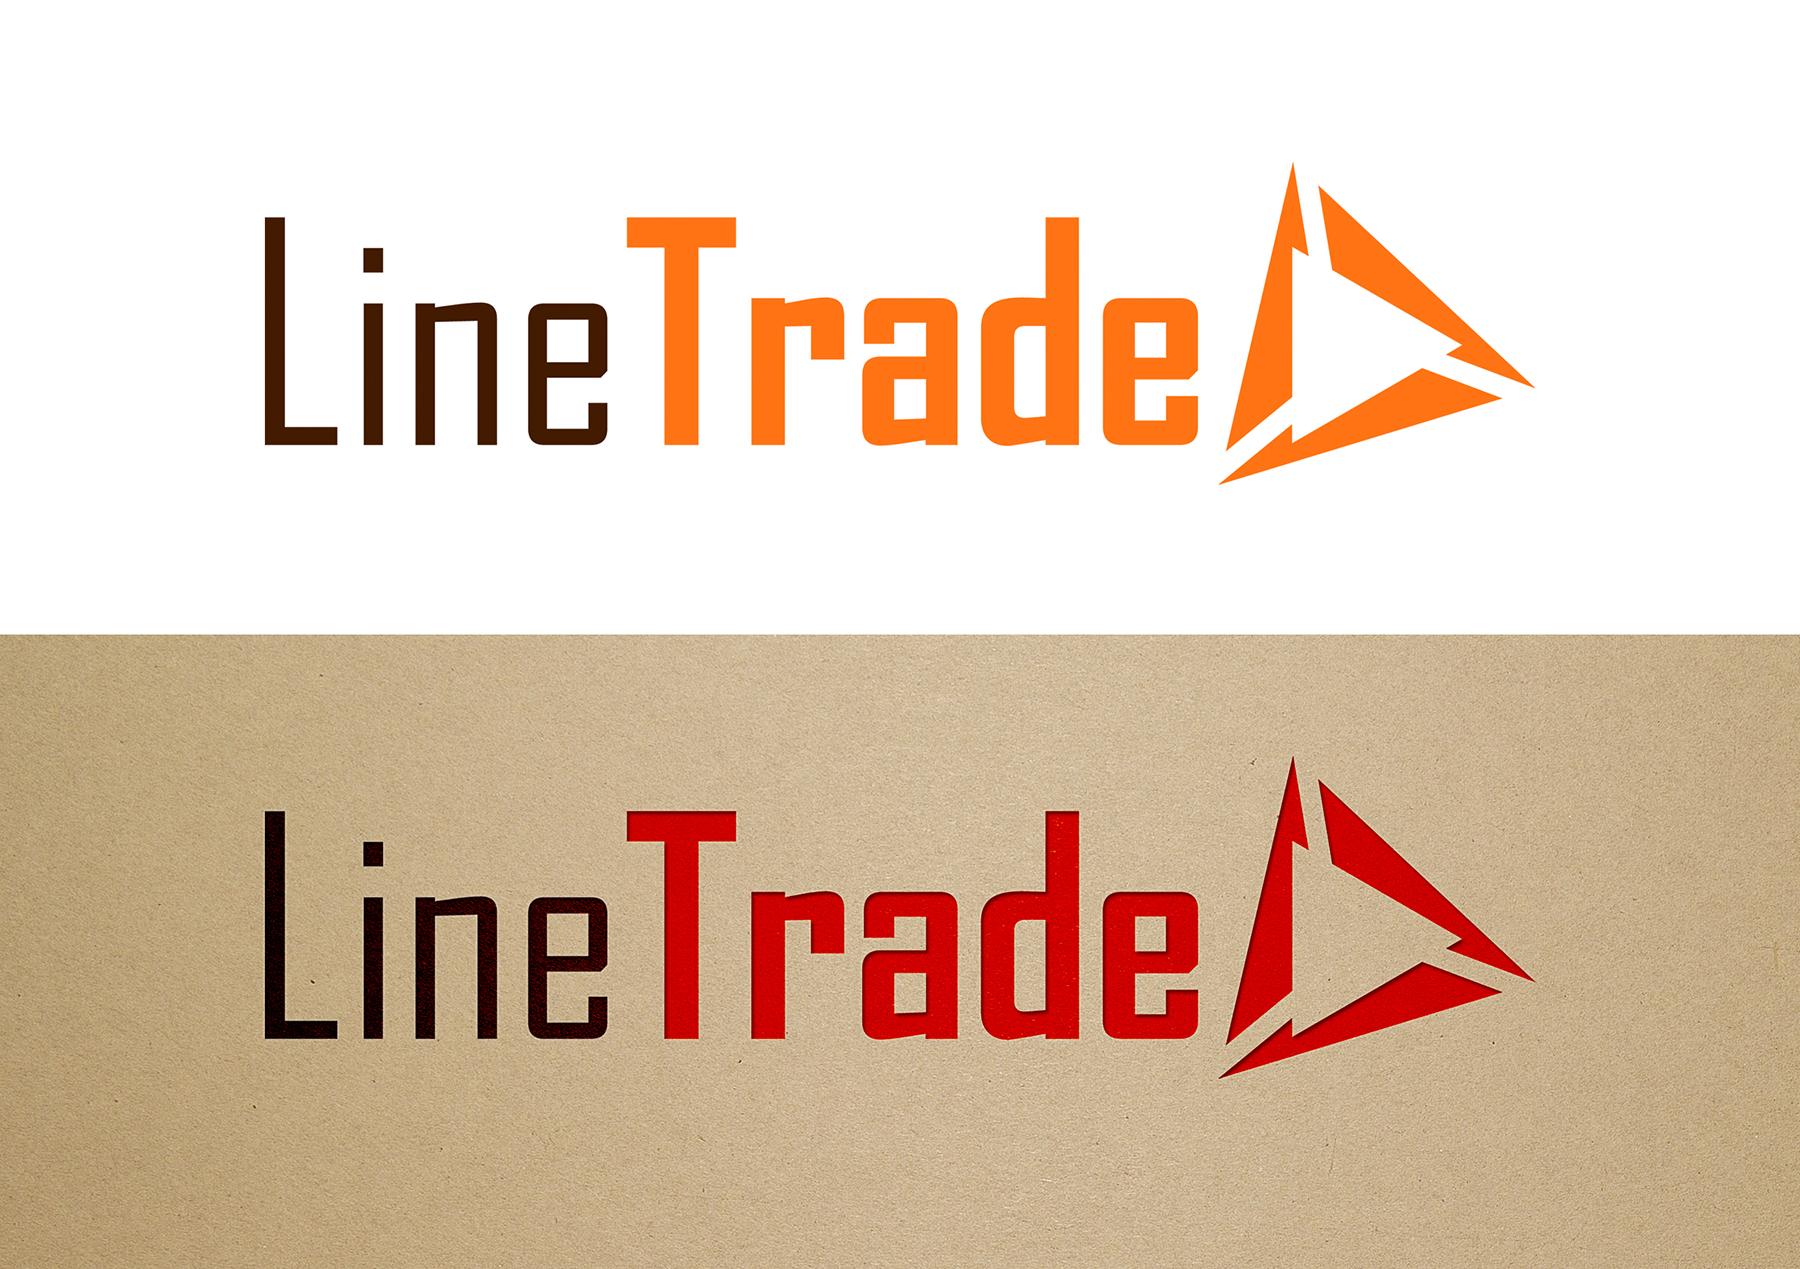 Разработка логотипа компании Line Trade фото f_08150fc4361e89fa.jpg